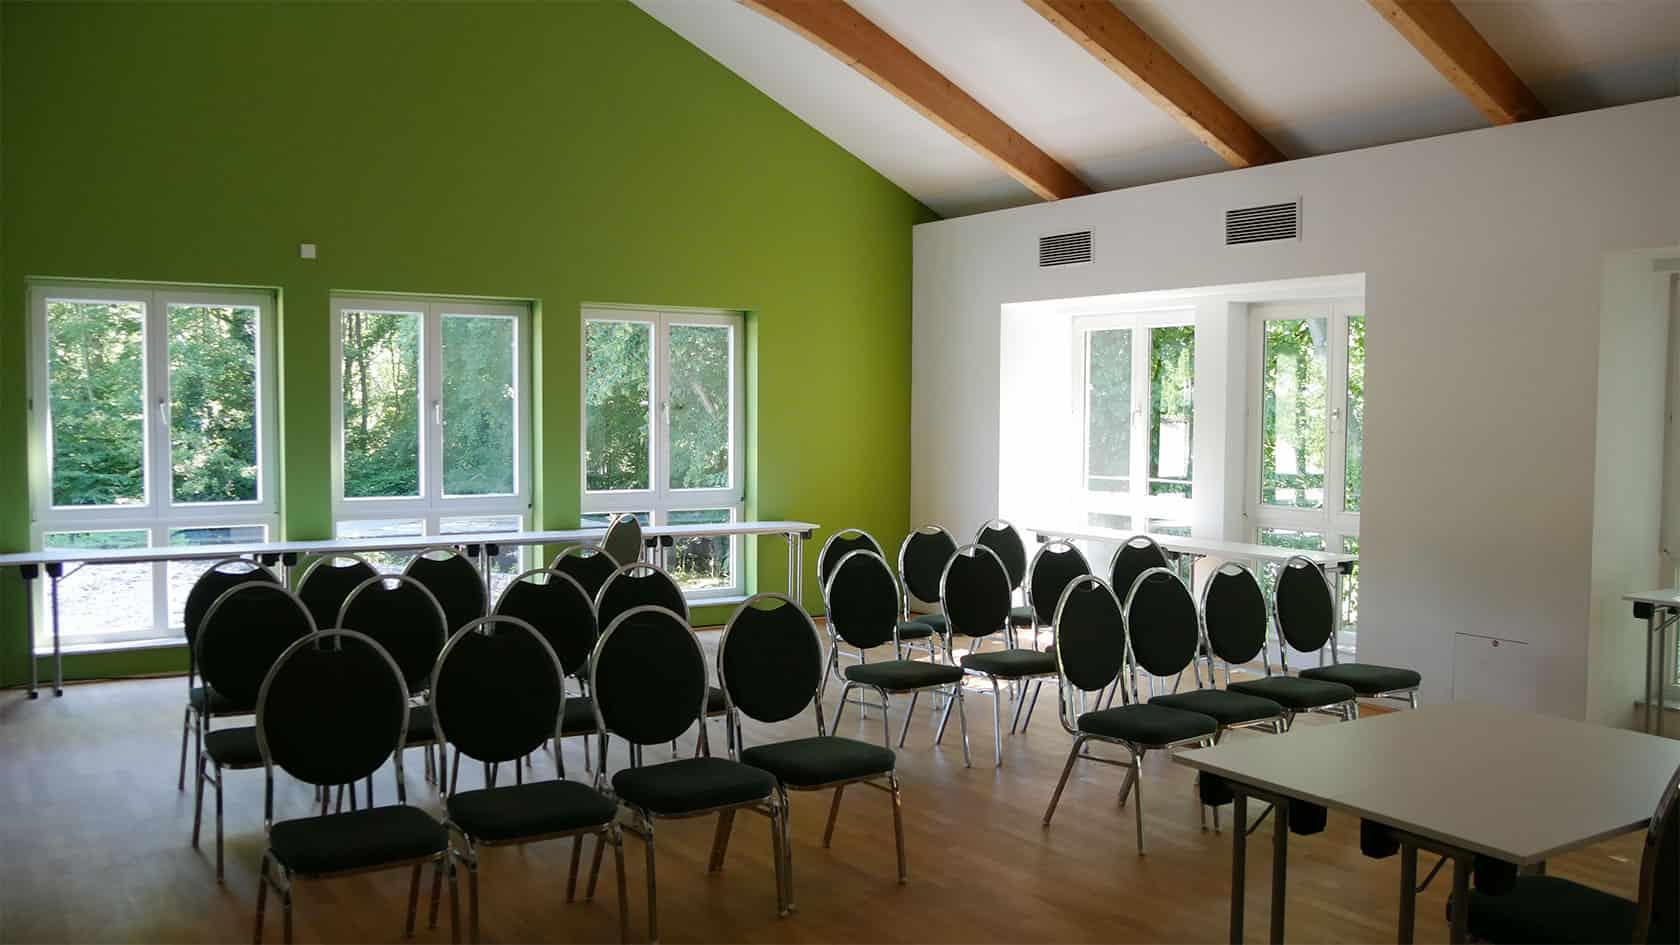 Ihre Tagung oder Veranstaltung im ESSENSIO Hotel in Erkrath bei Düsseldorf